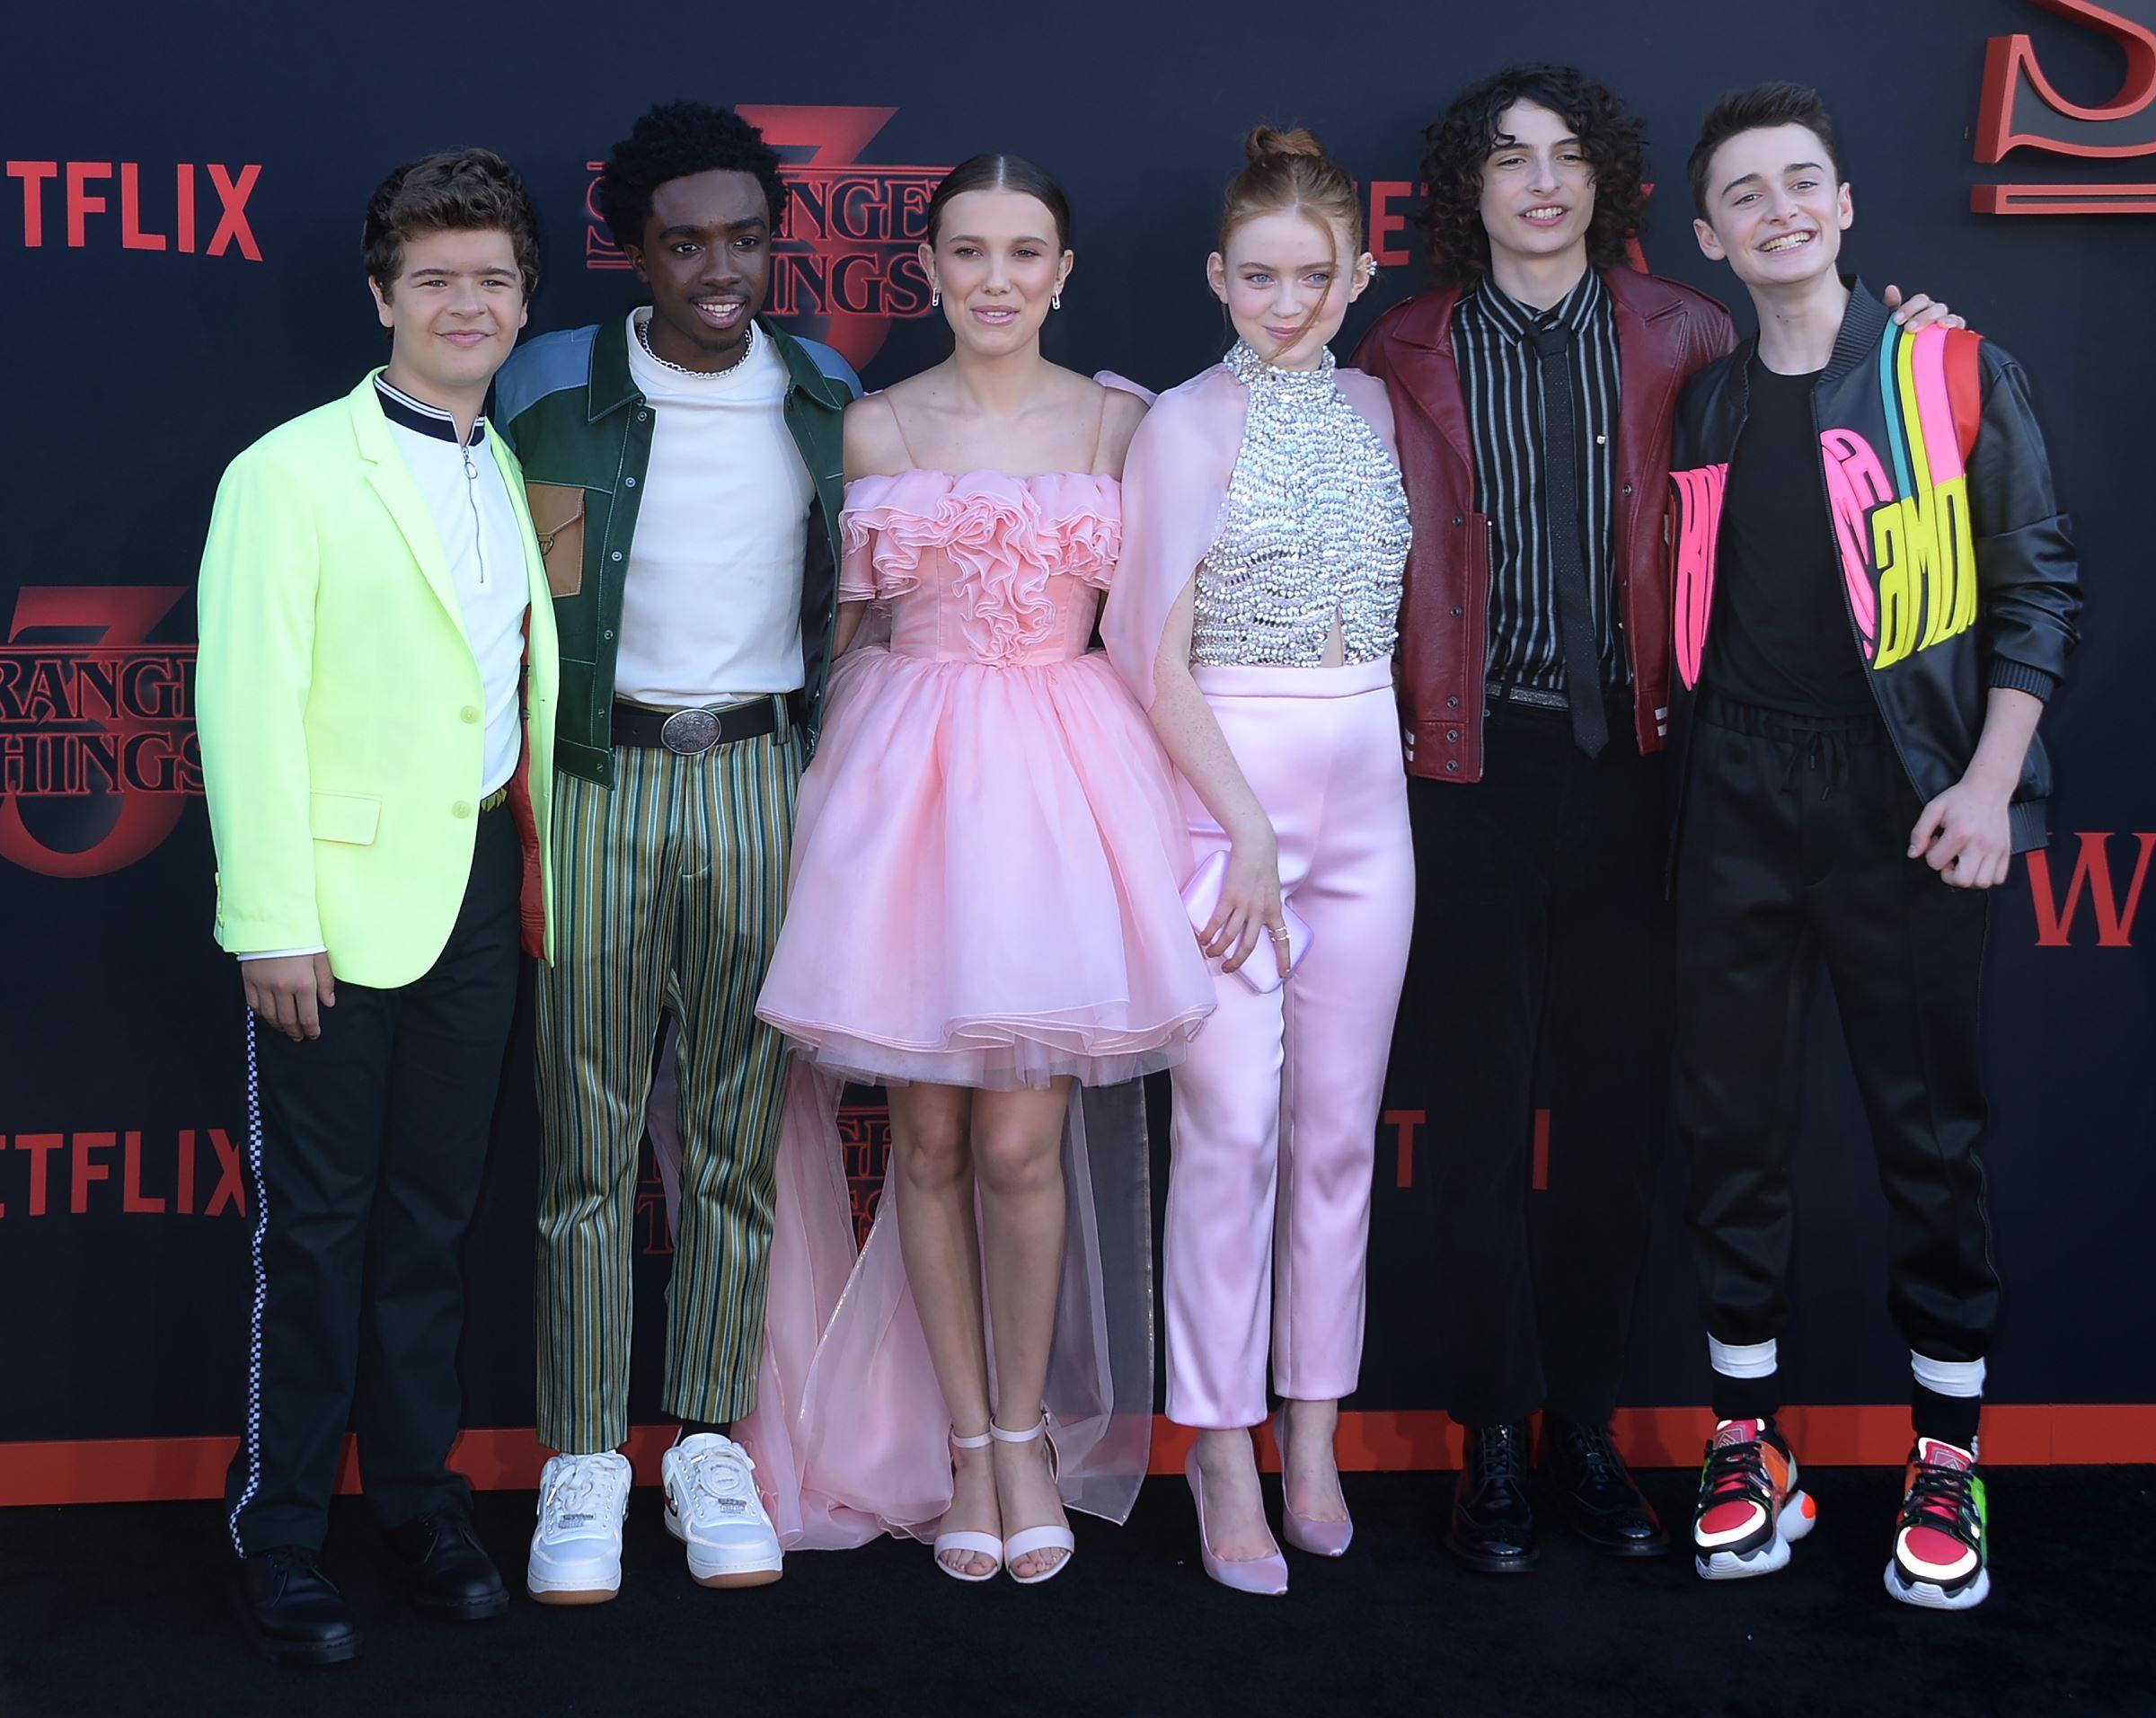 PHOTO. Stranger Things saison 3 : les acteurs font le show sur le tapis rouge de l'avant-première à Los Angeles